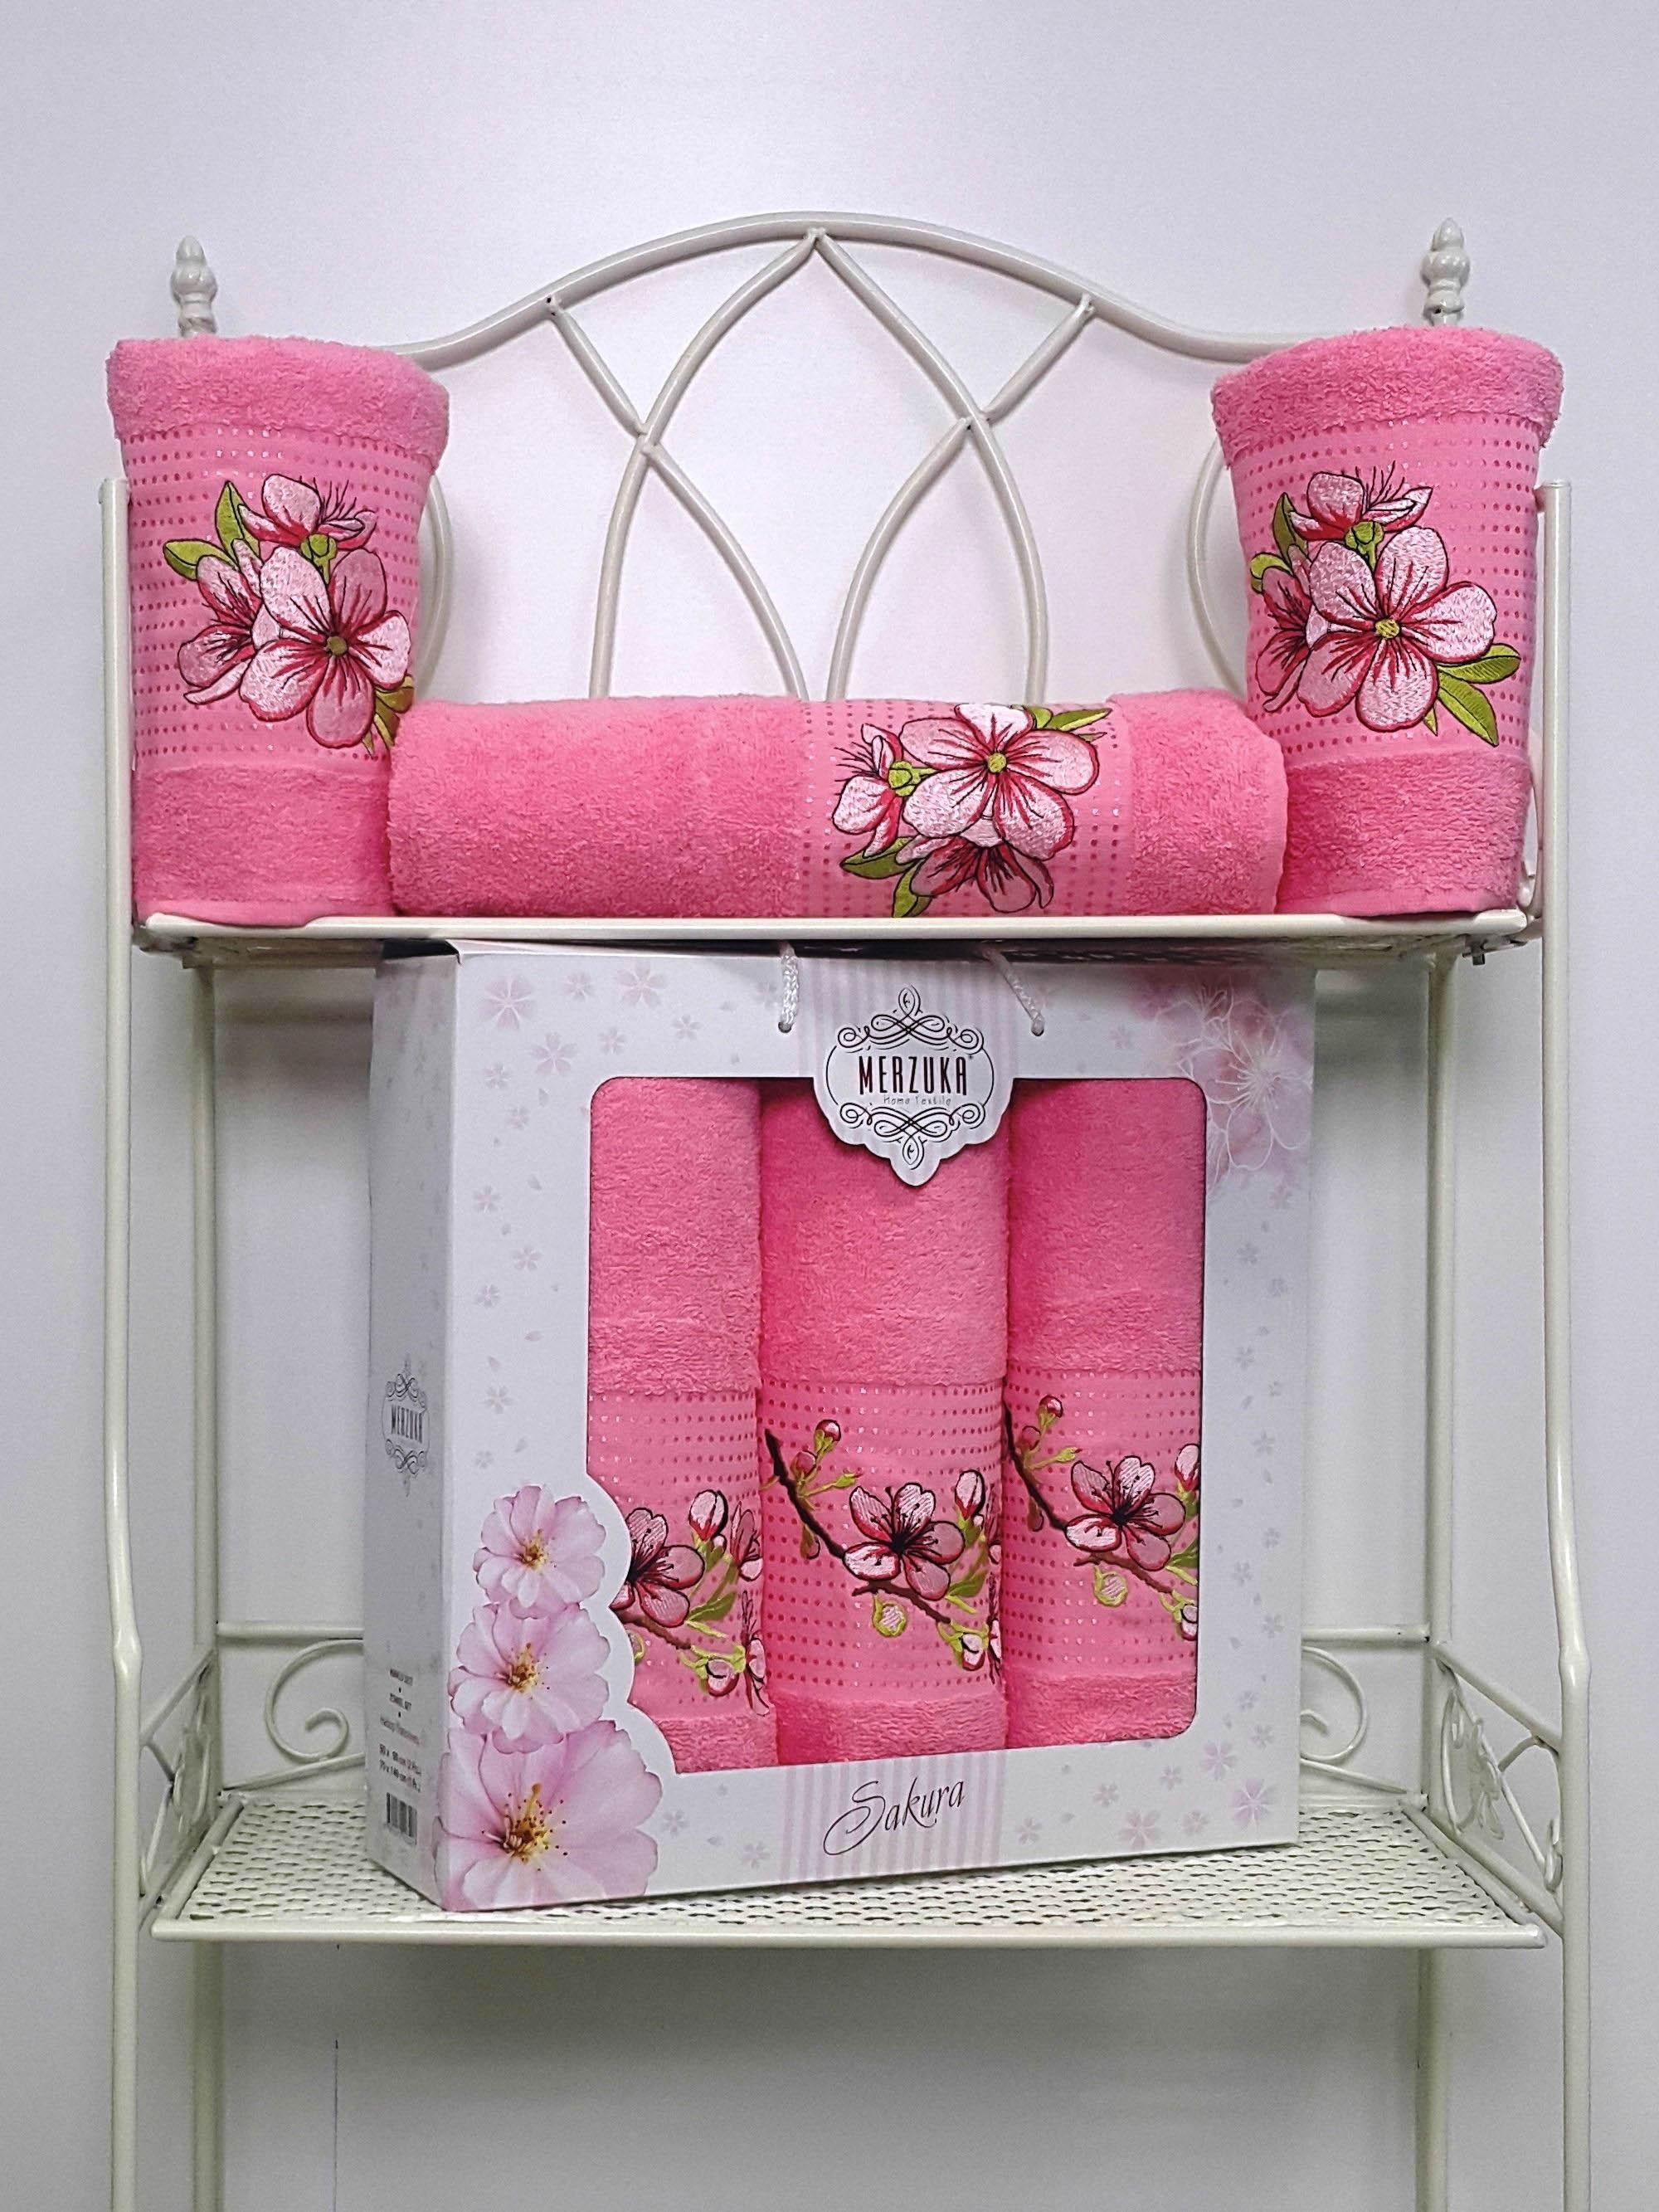 Полотенца Oran Merzuka Полотенце Sakura Цвет: Розовый (Набор) полотенца oran merzuka набор из 3 полотенец sakura цвет зелёный